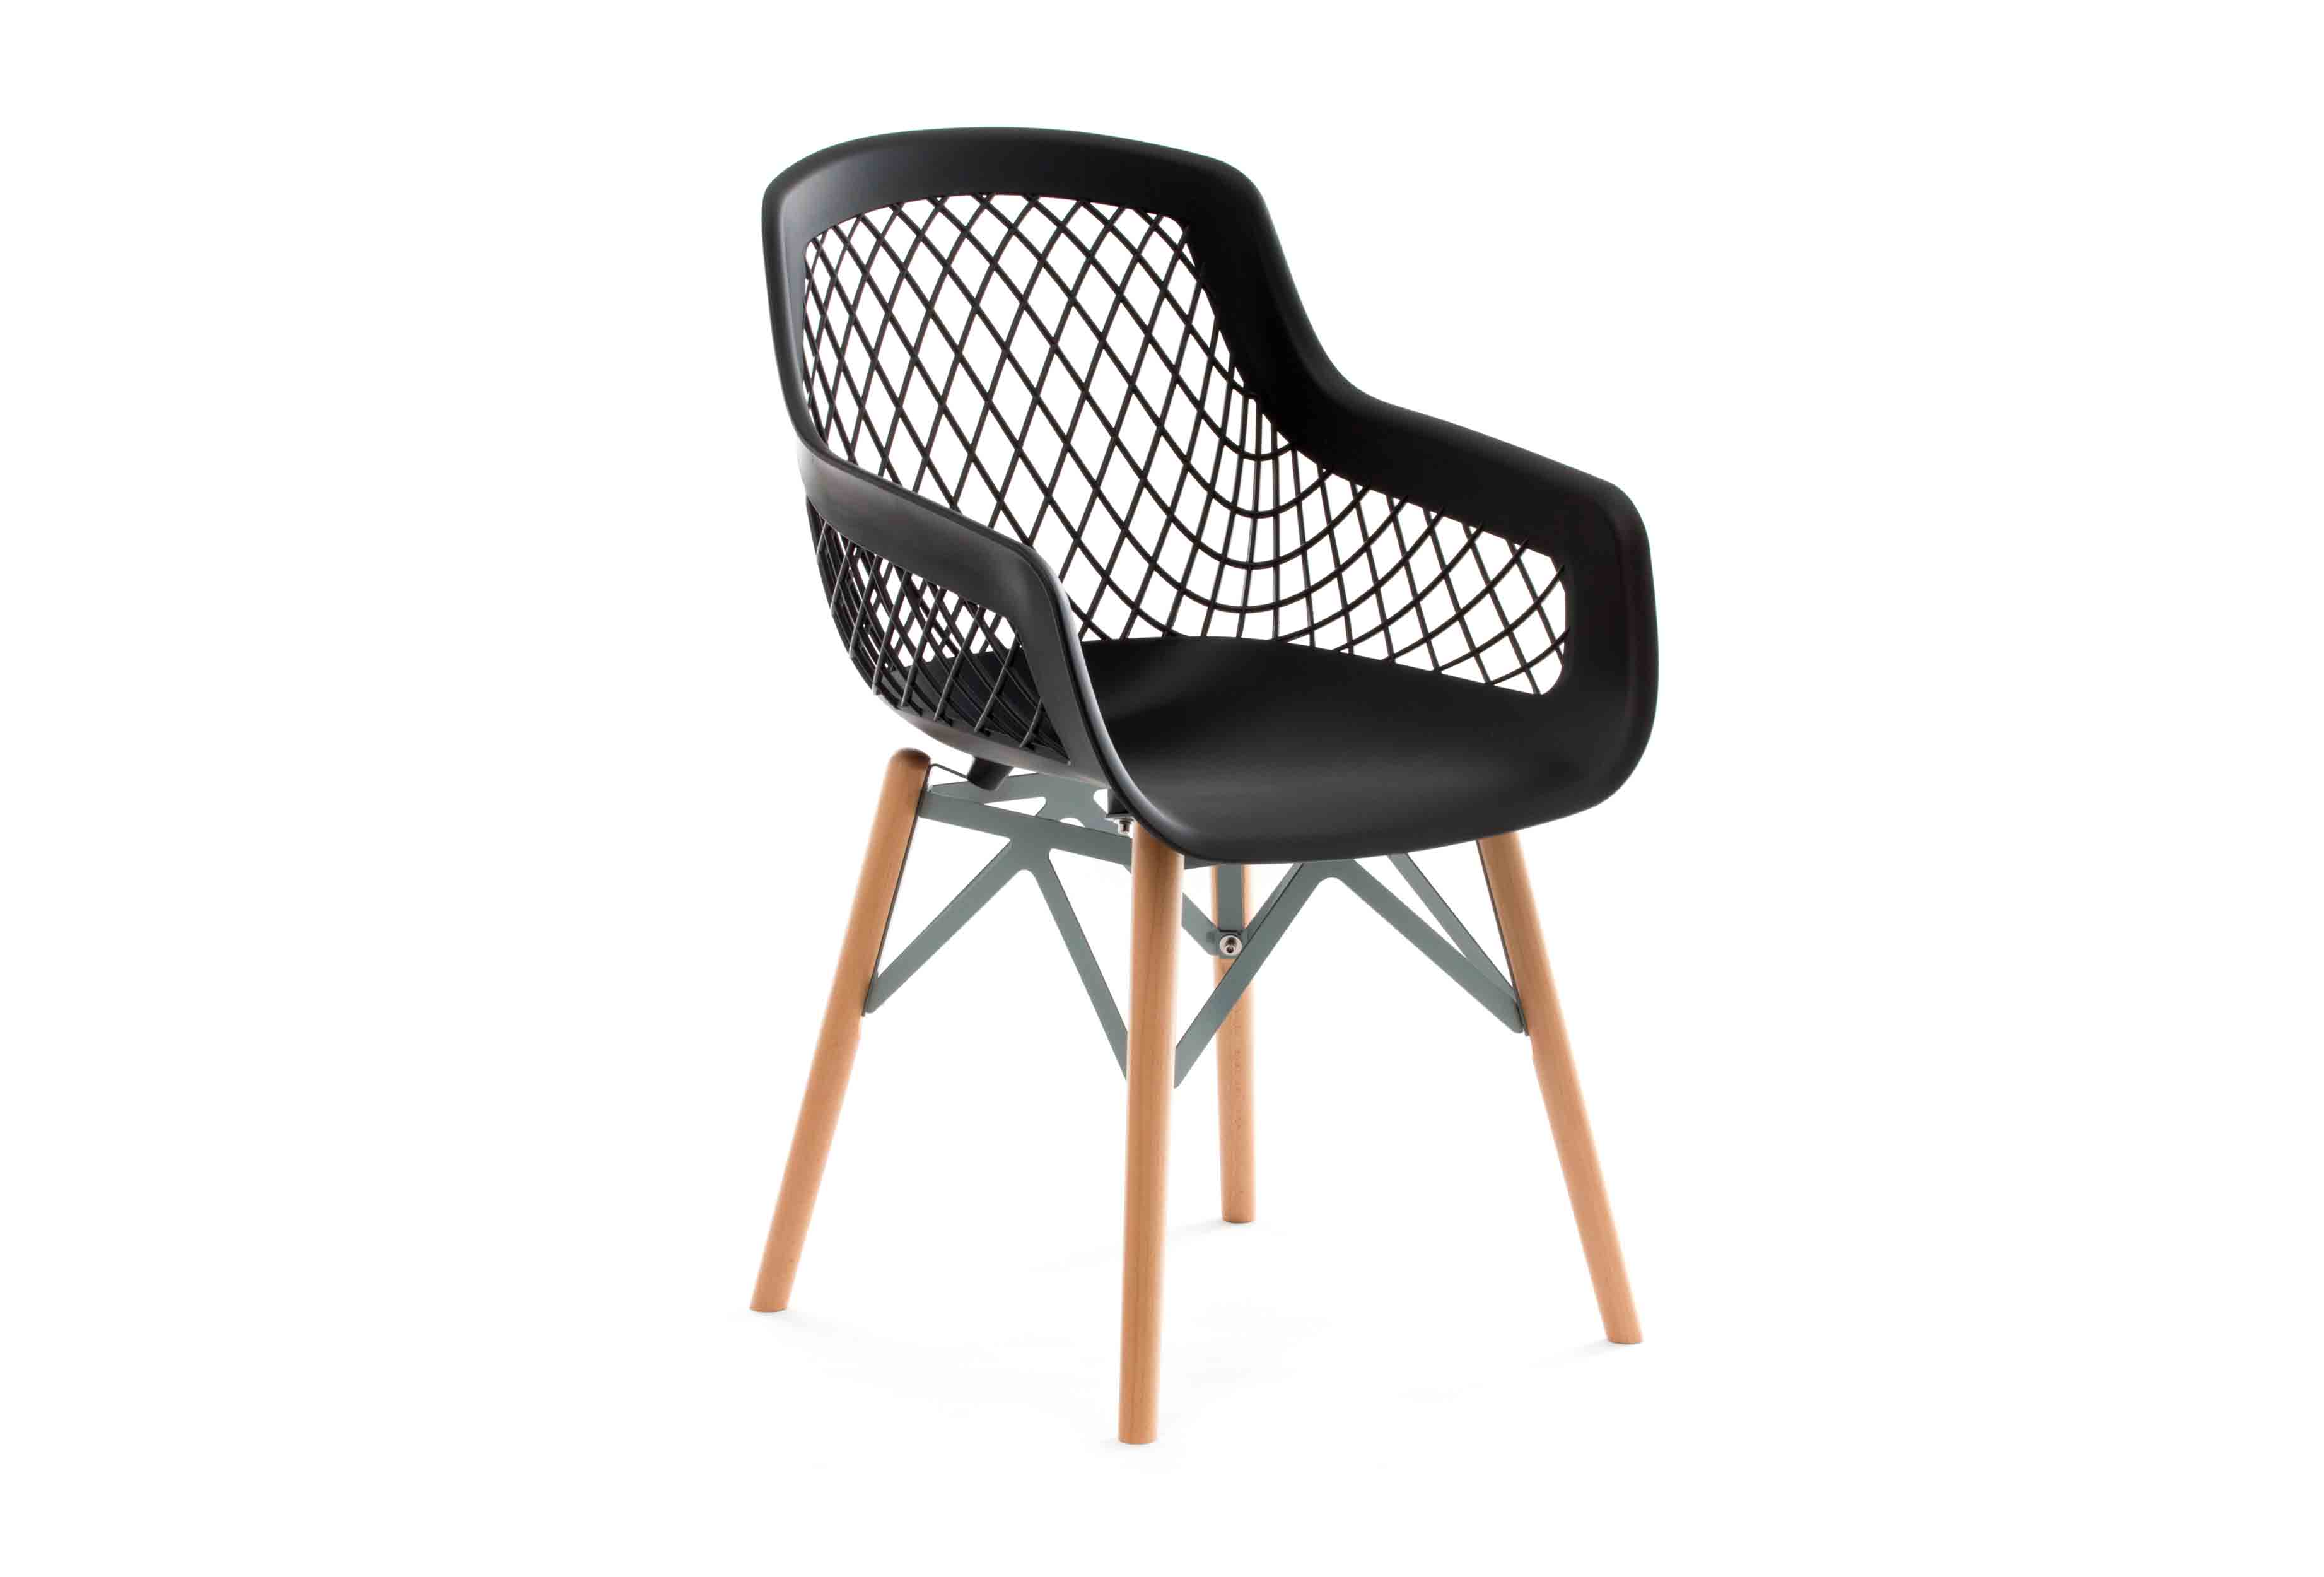 Be Pure Stoel : Zwarte design eetkamerstoel eetkamerstoelen kameraankleden